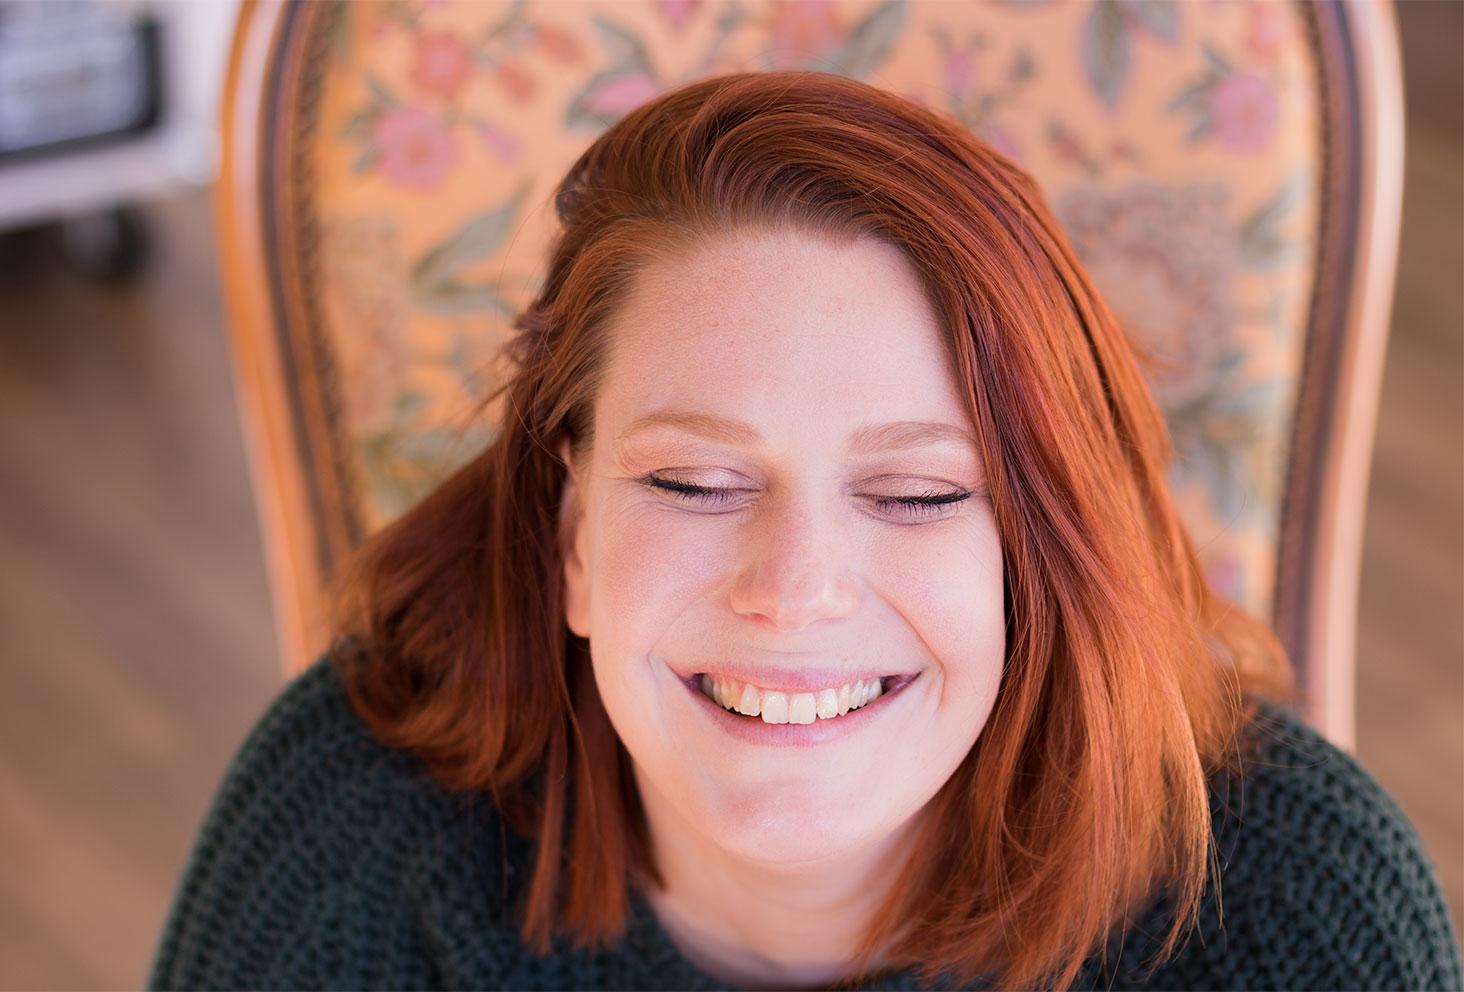 De haut assise sur un vieux fauteuil en tissu fleurit, le sourire jusqu'aux oreilles, make-up avec la palette Soft Glam